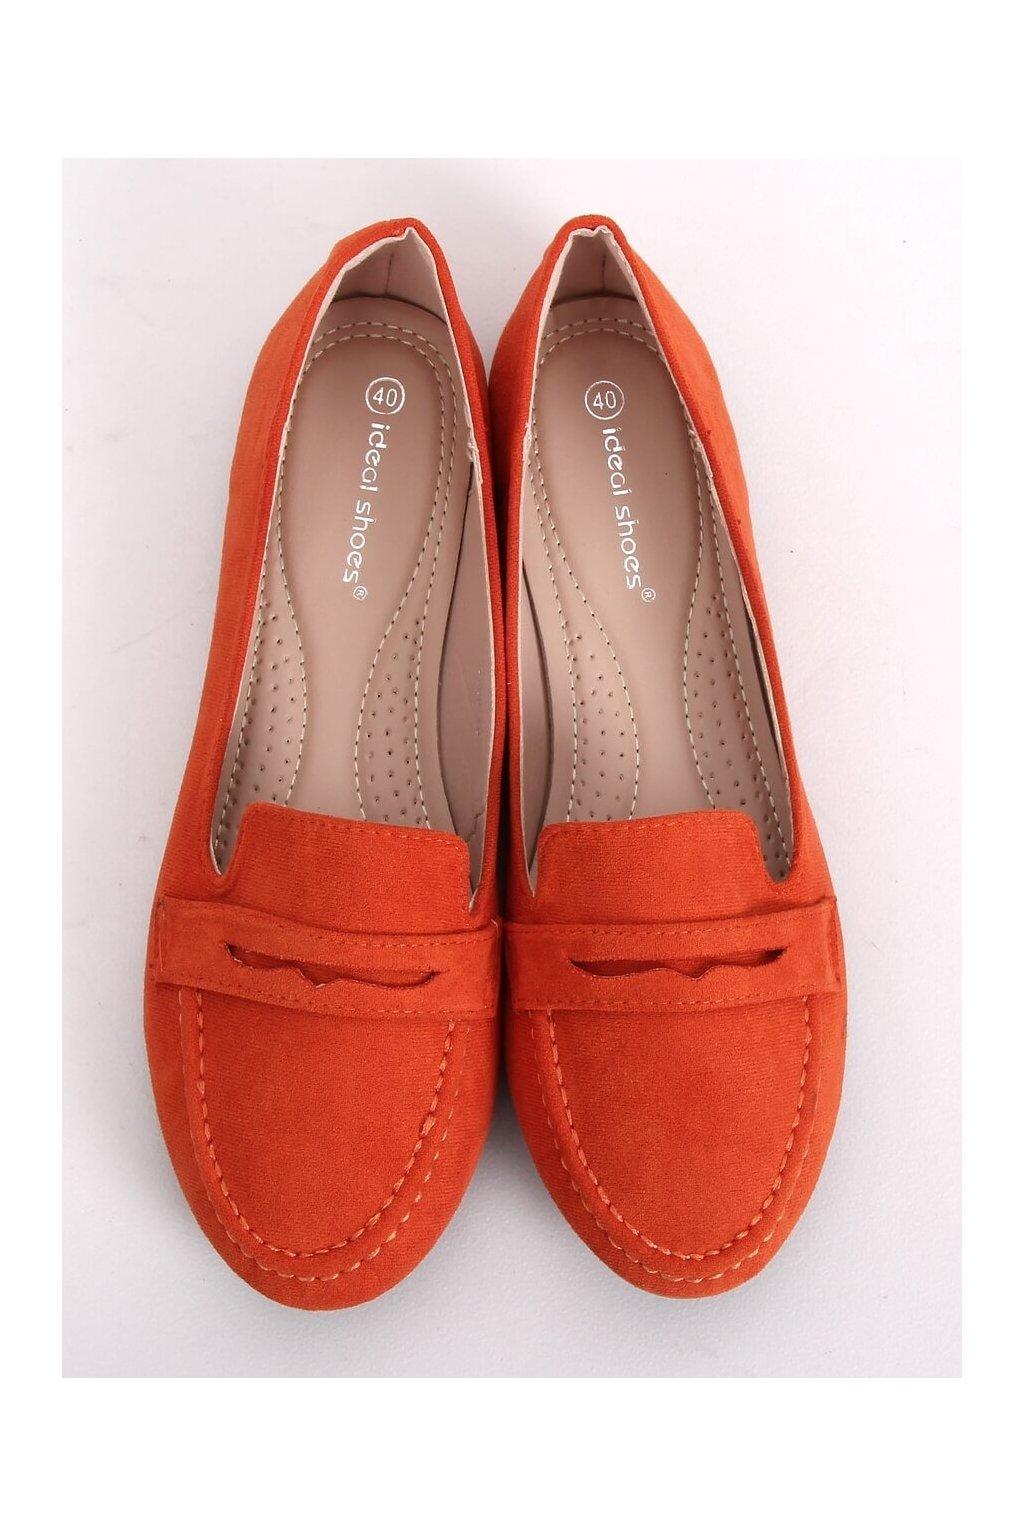 Dámske mokasíny oranžové NJSK 3900